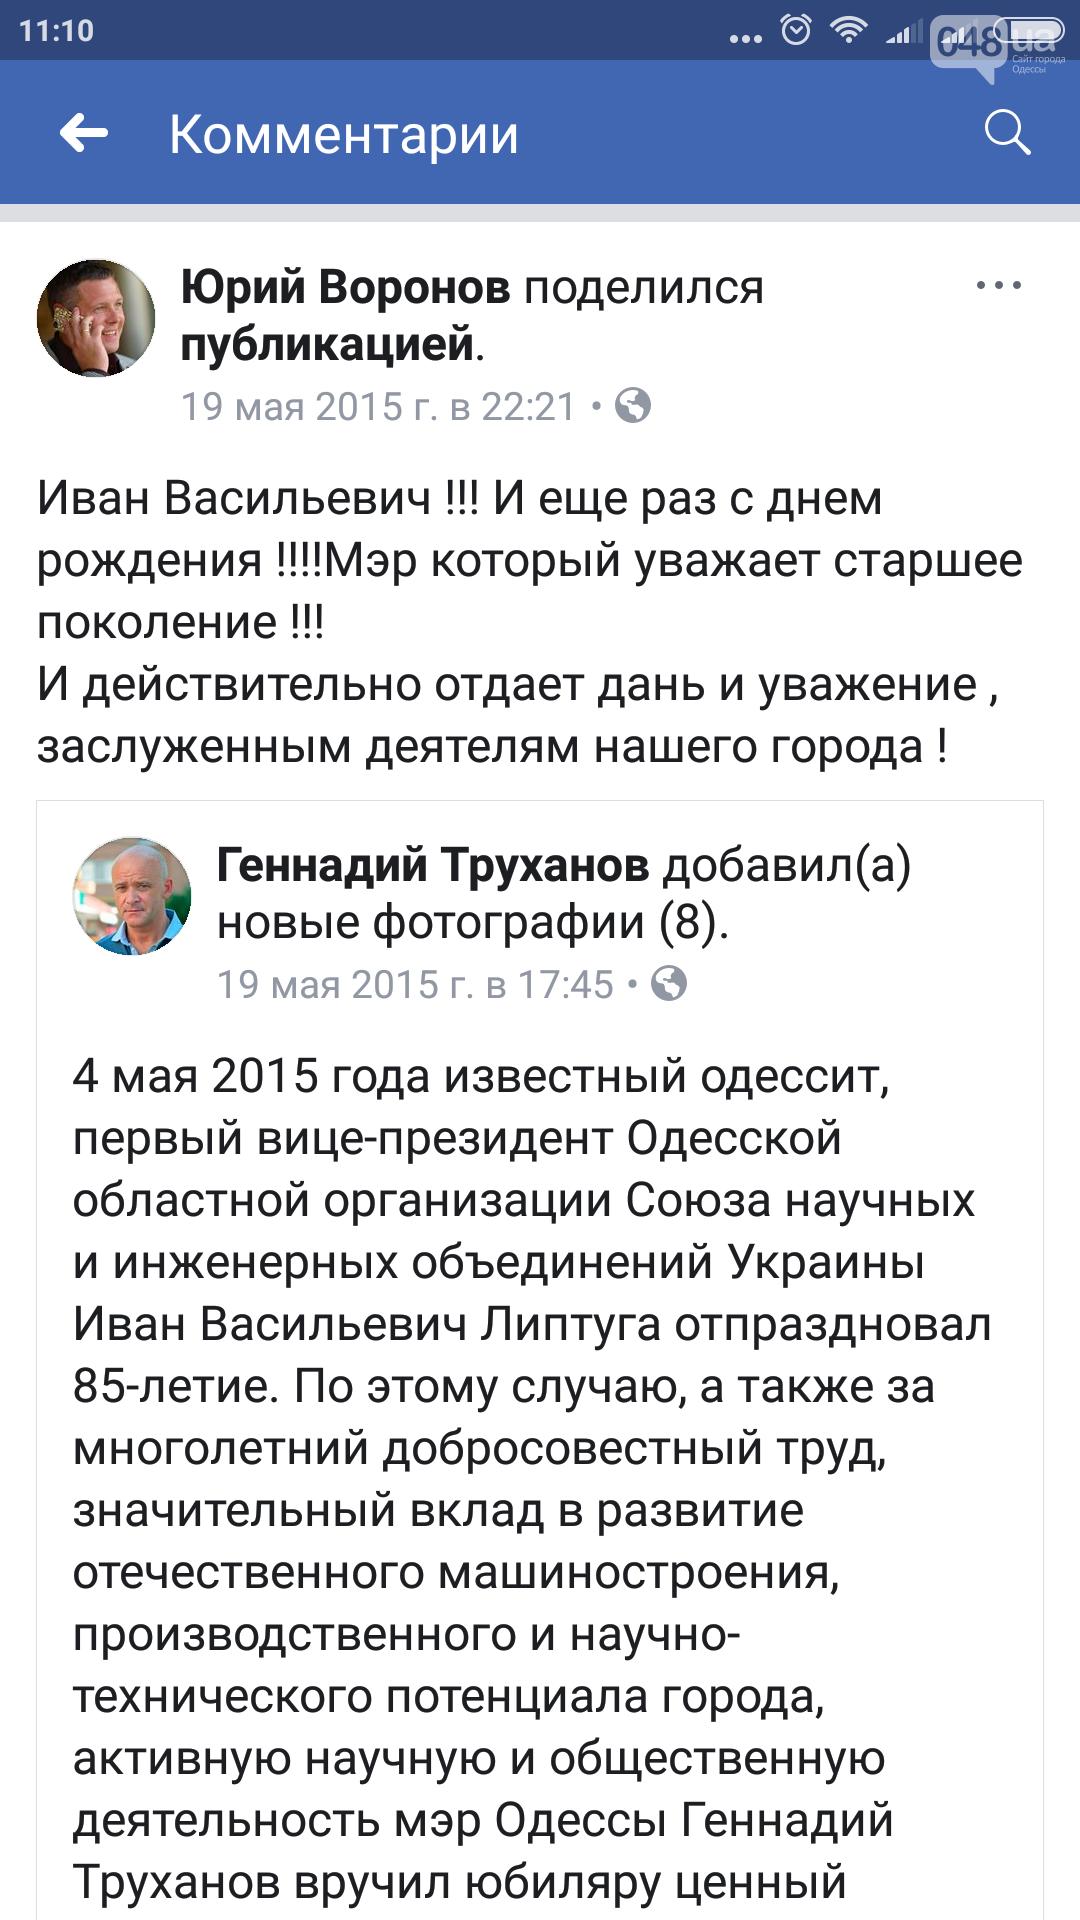 В Одессе бизнесмен-патриот России осваивает бюджетные миллионы и поливает грязью украинцев, - ФОТО, фото-10